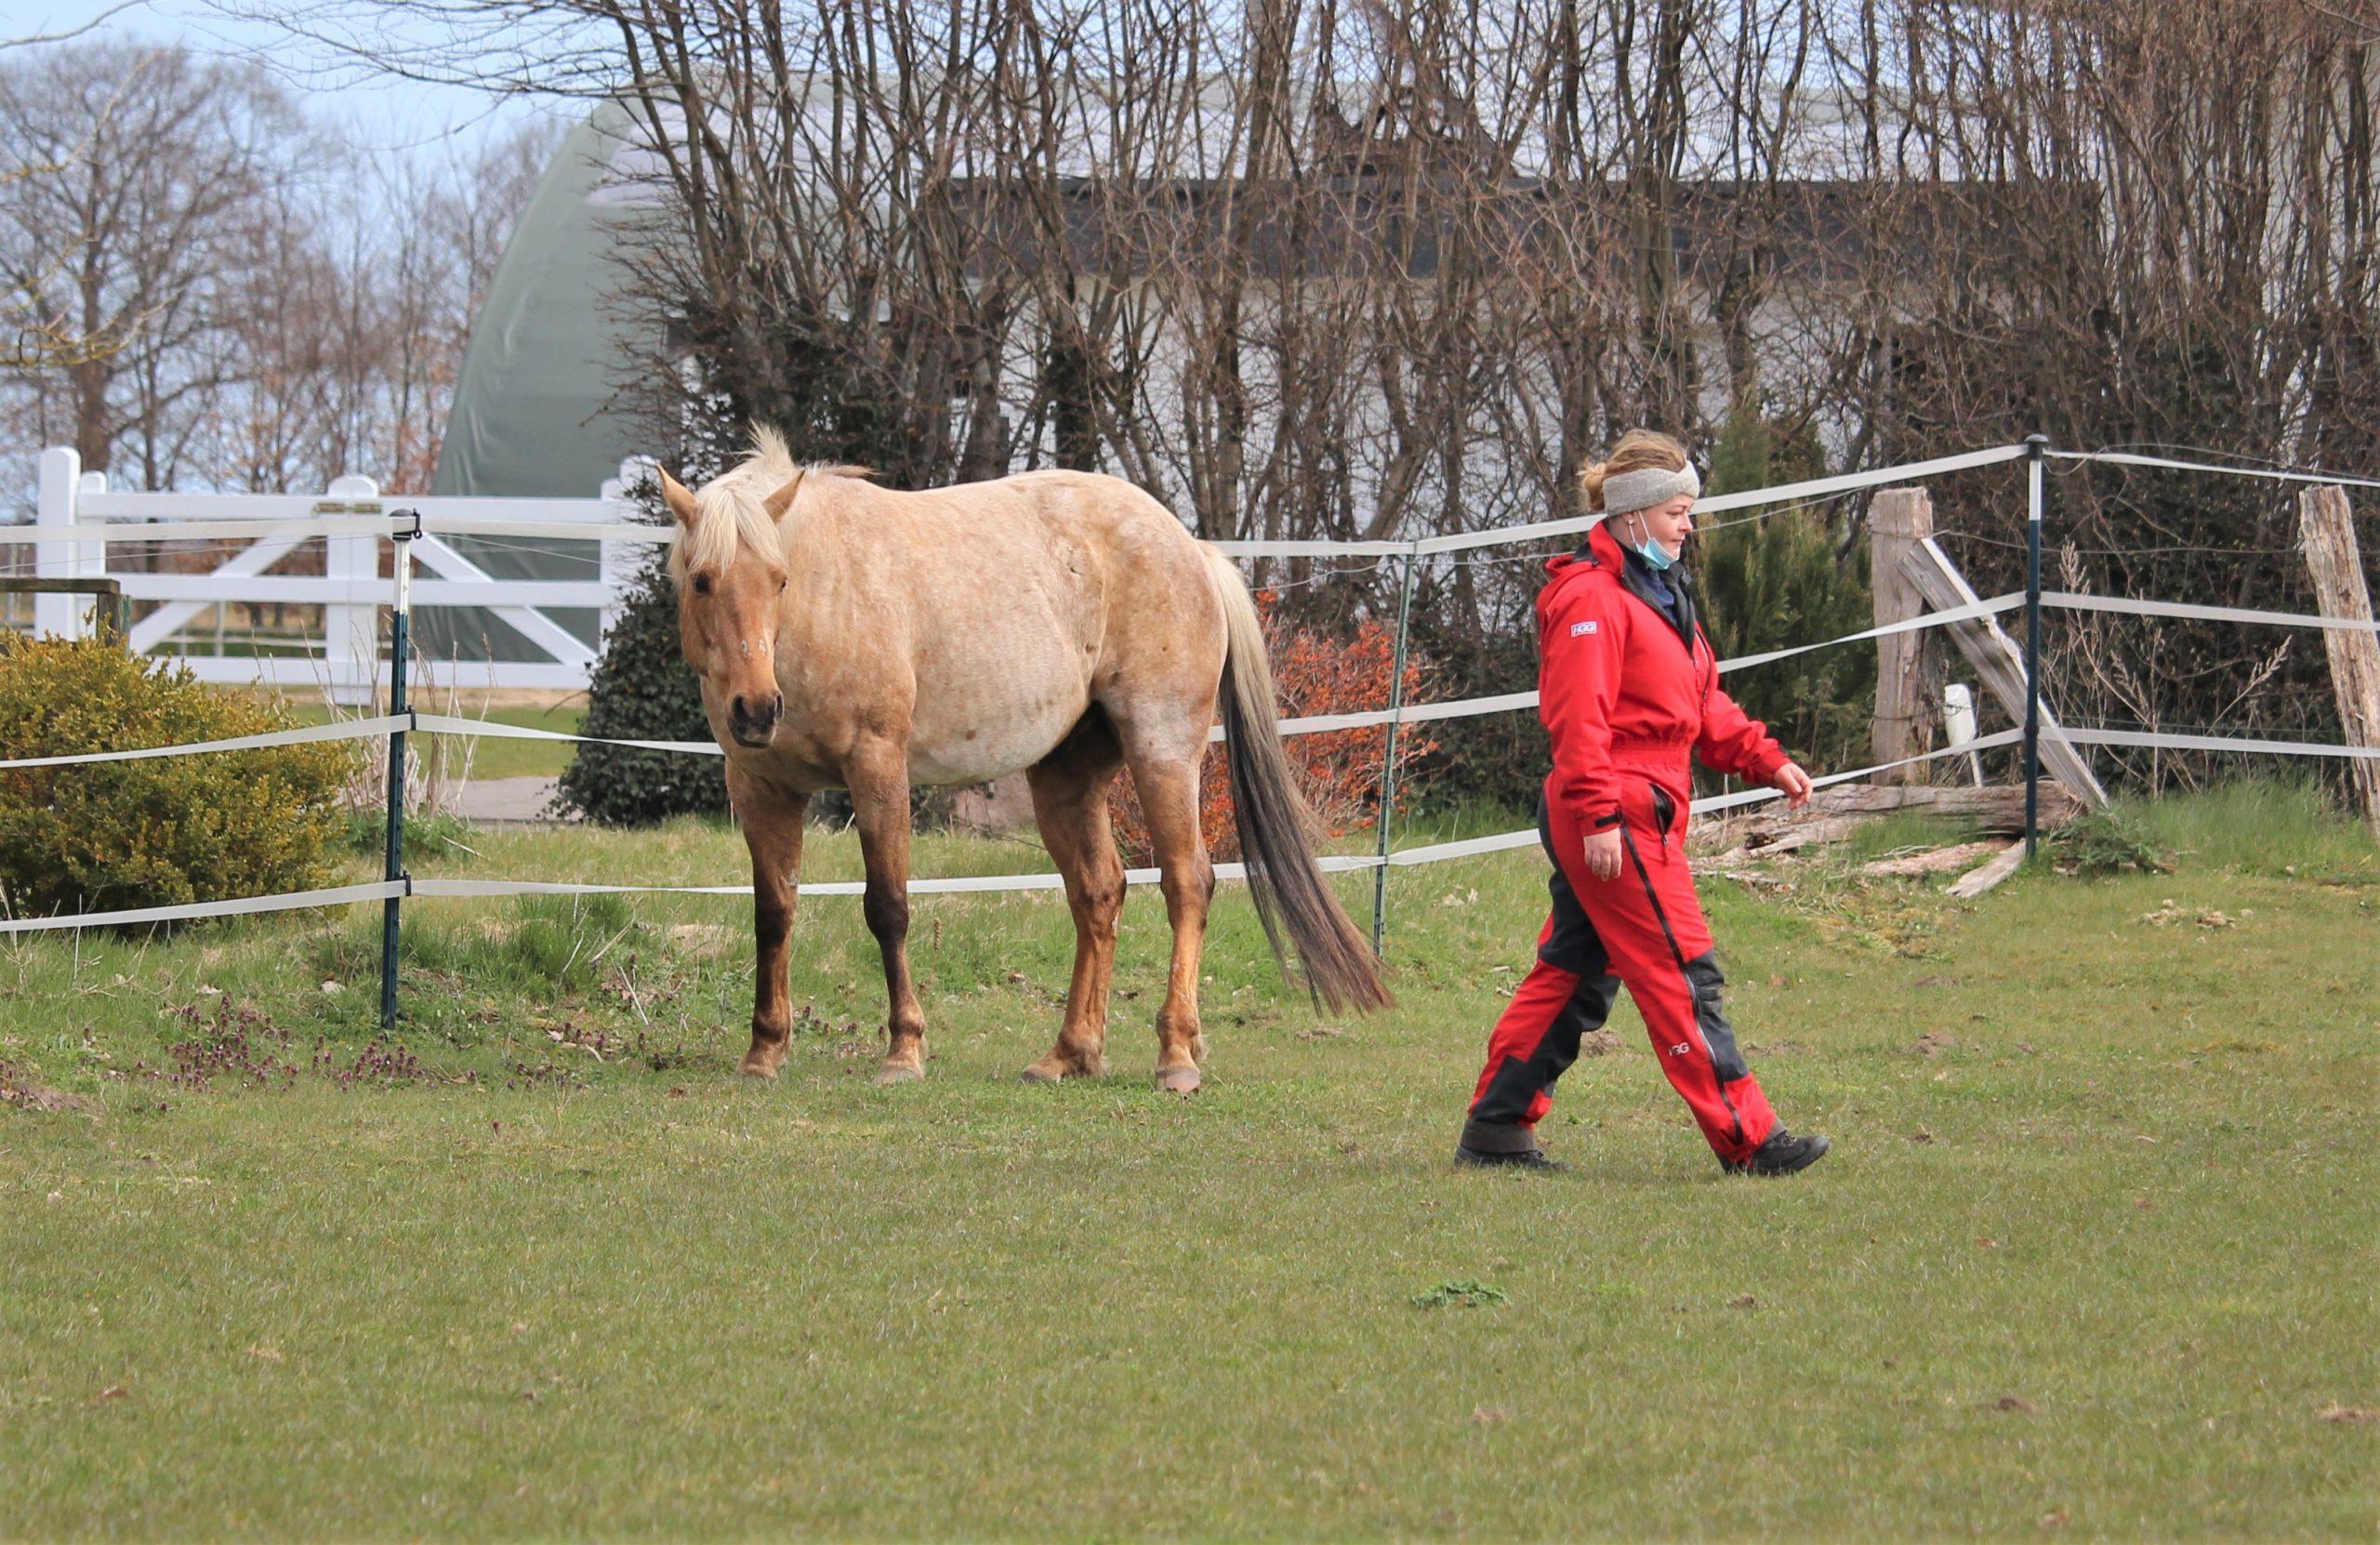 Pferd mit seiner Besitzerin auf der Wiese